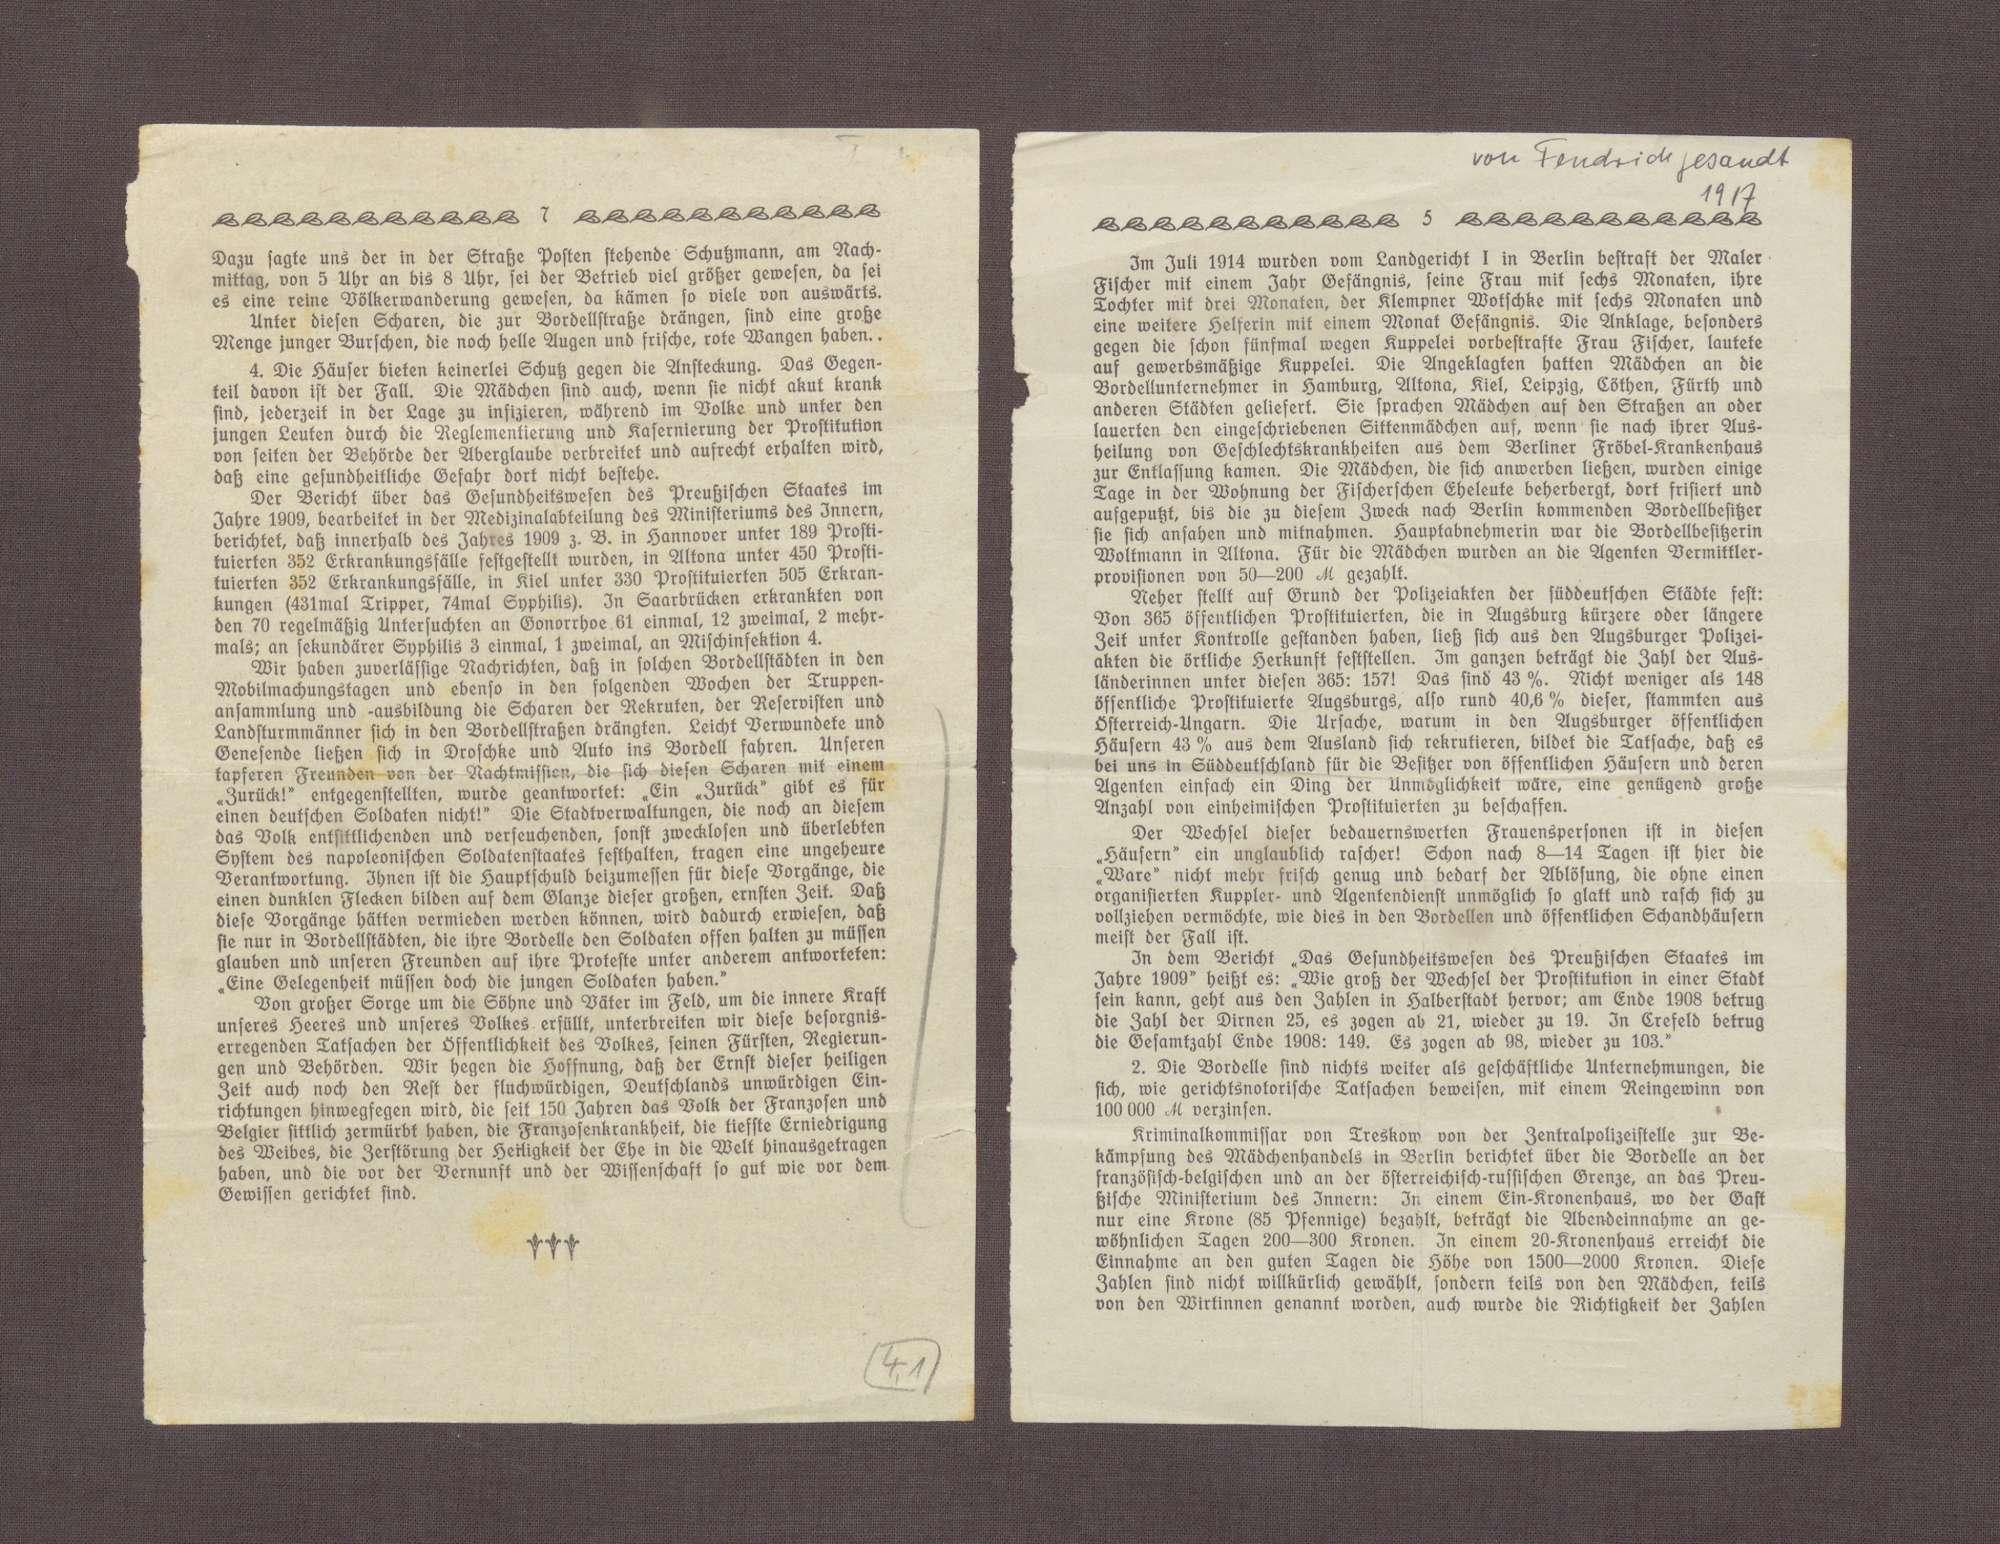 Auszüge des Jahresberichtes der Inneren Mission in Duisburg 1916/1917, Bild 2